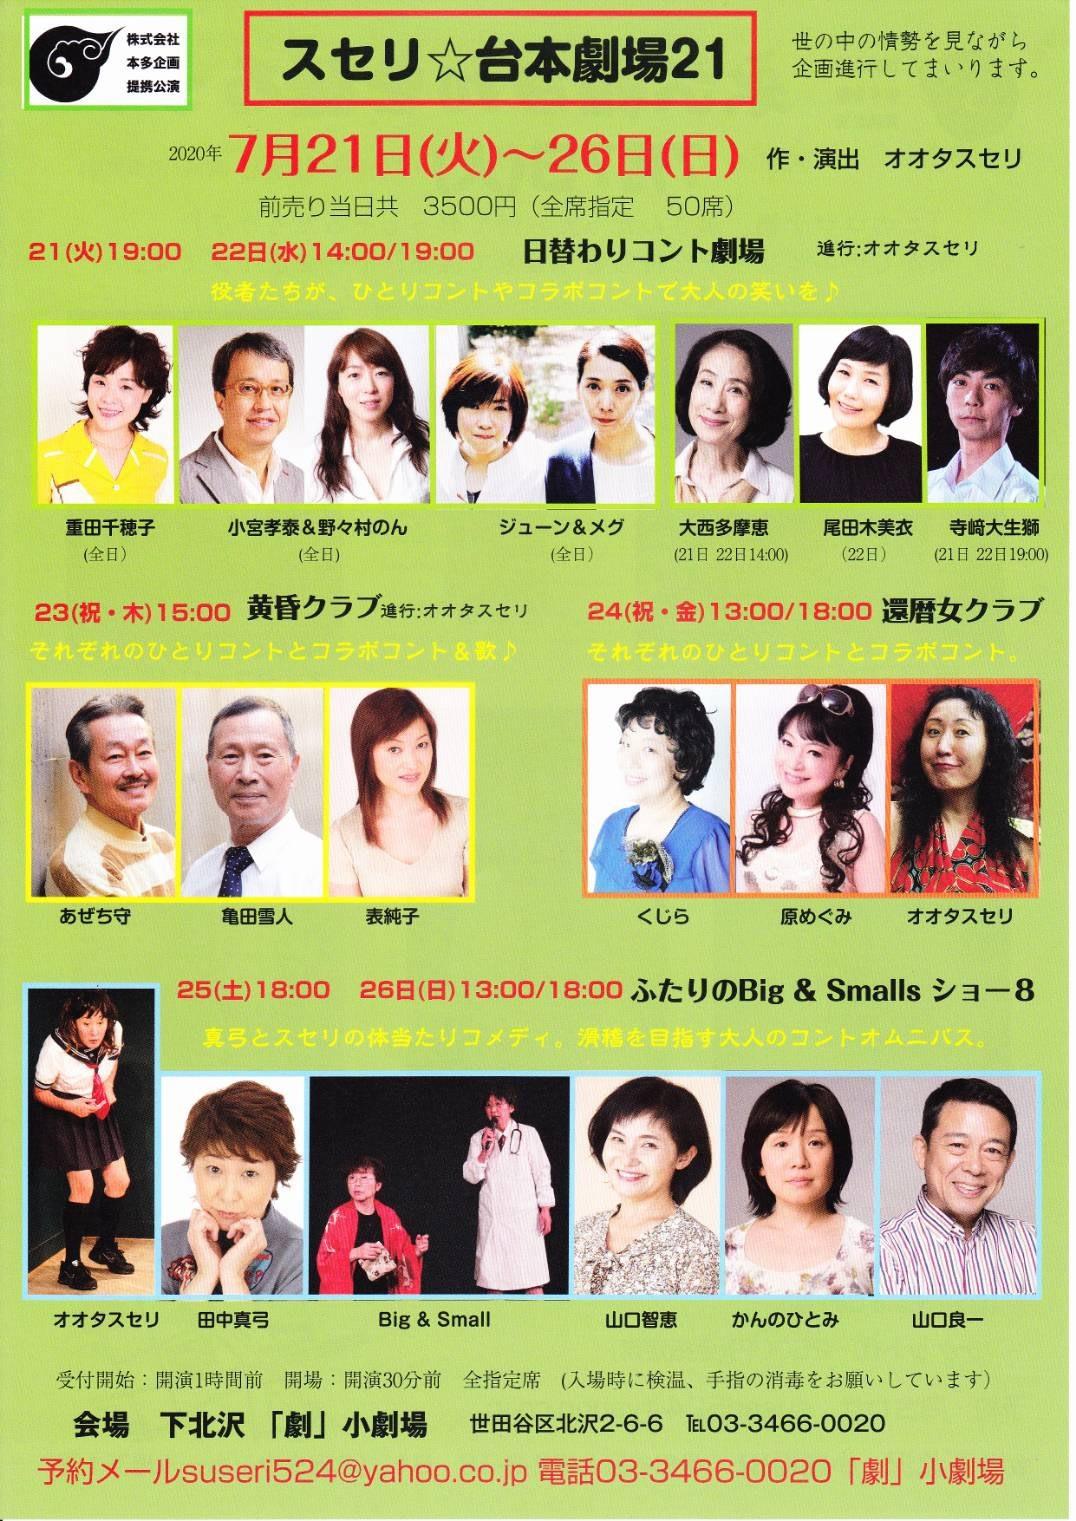 スセリ劇場から舞台活動再開_a0163623_13303788.jpg